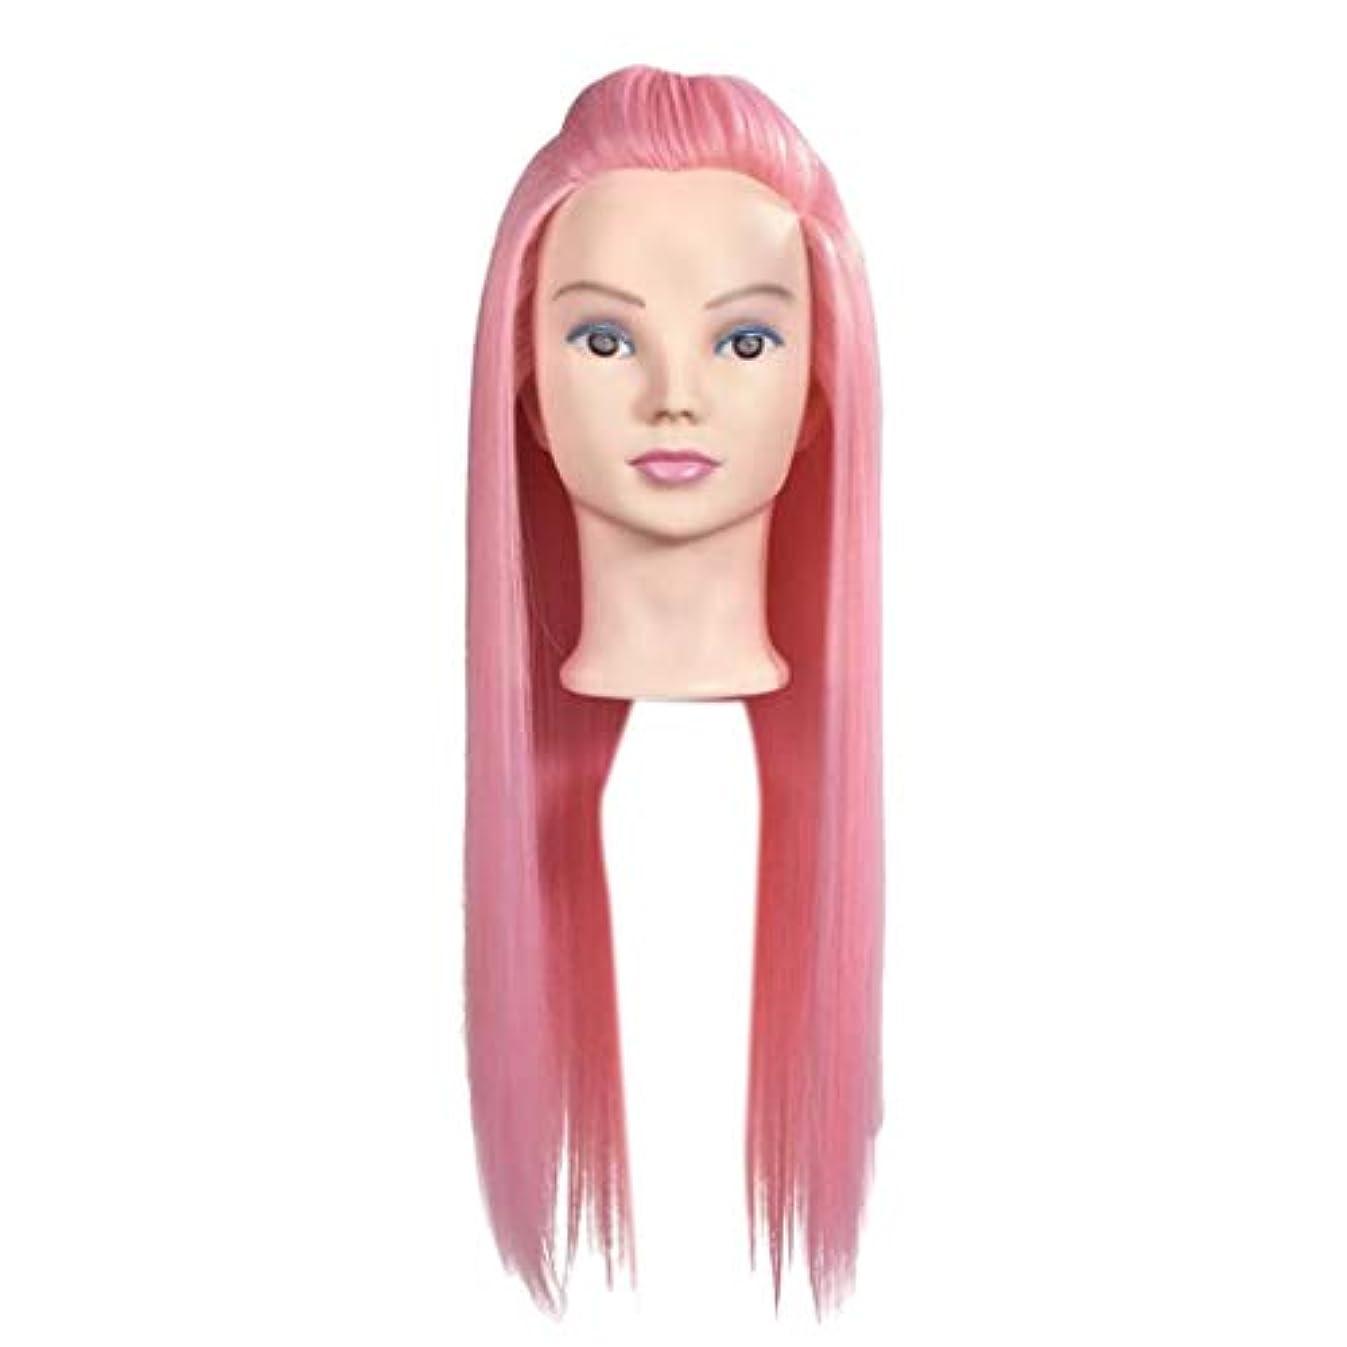 ではごきげんよう付録タワーToygogo 23インチピンク美容化粧顔マネキンマネキンヘッド髪、サロンスタイリング練習組紐人形頭合成髪